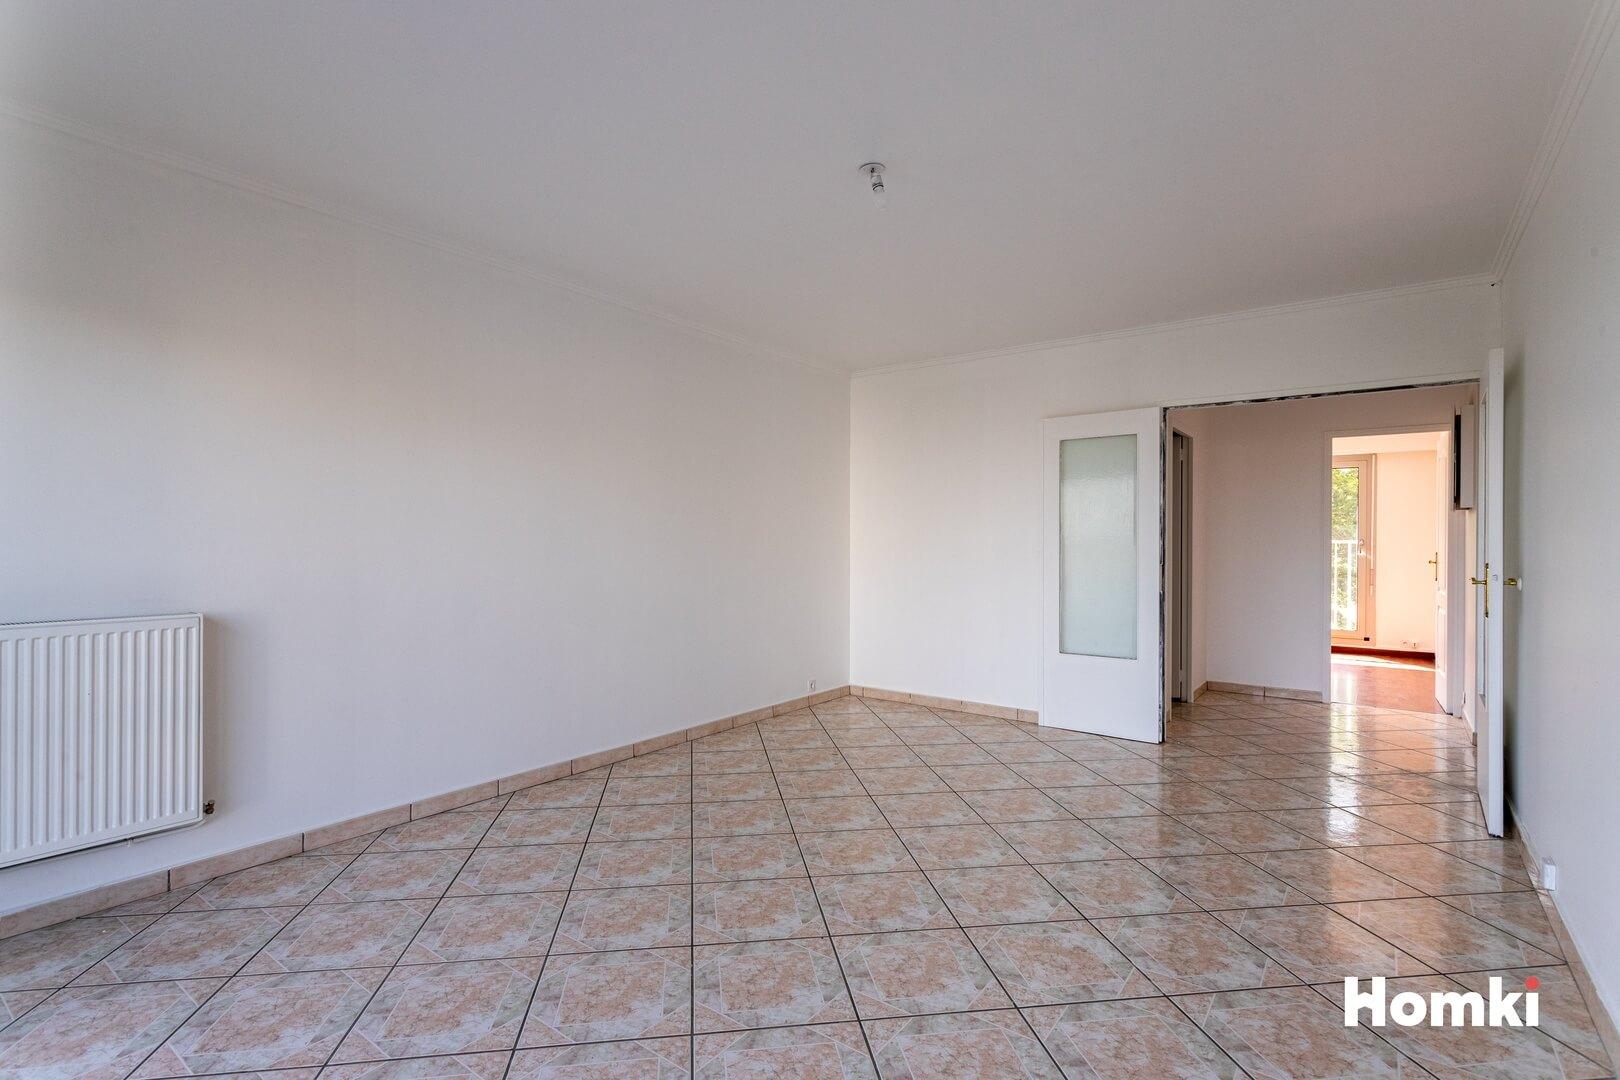 Homki - Vente Appartement  de 83.0 m² à Vénissieux 69200